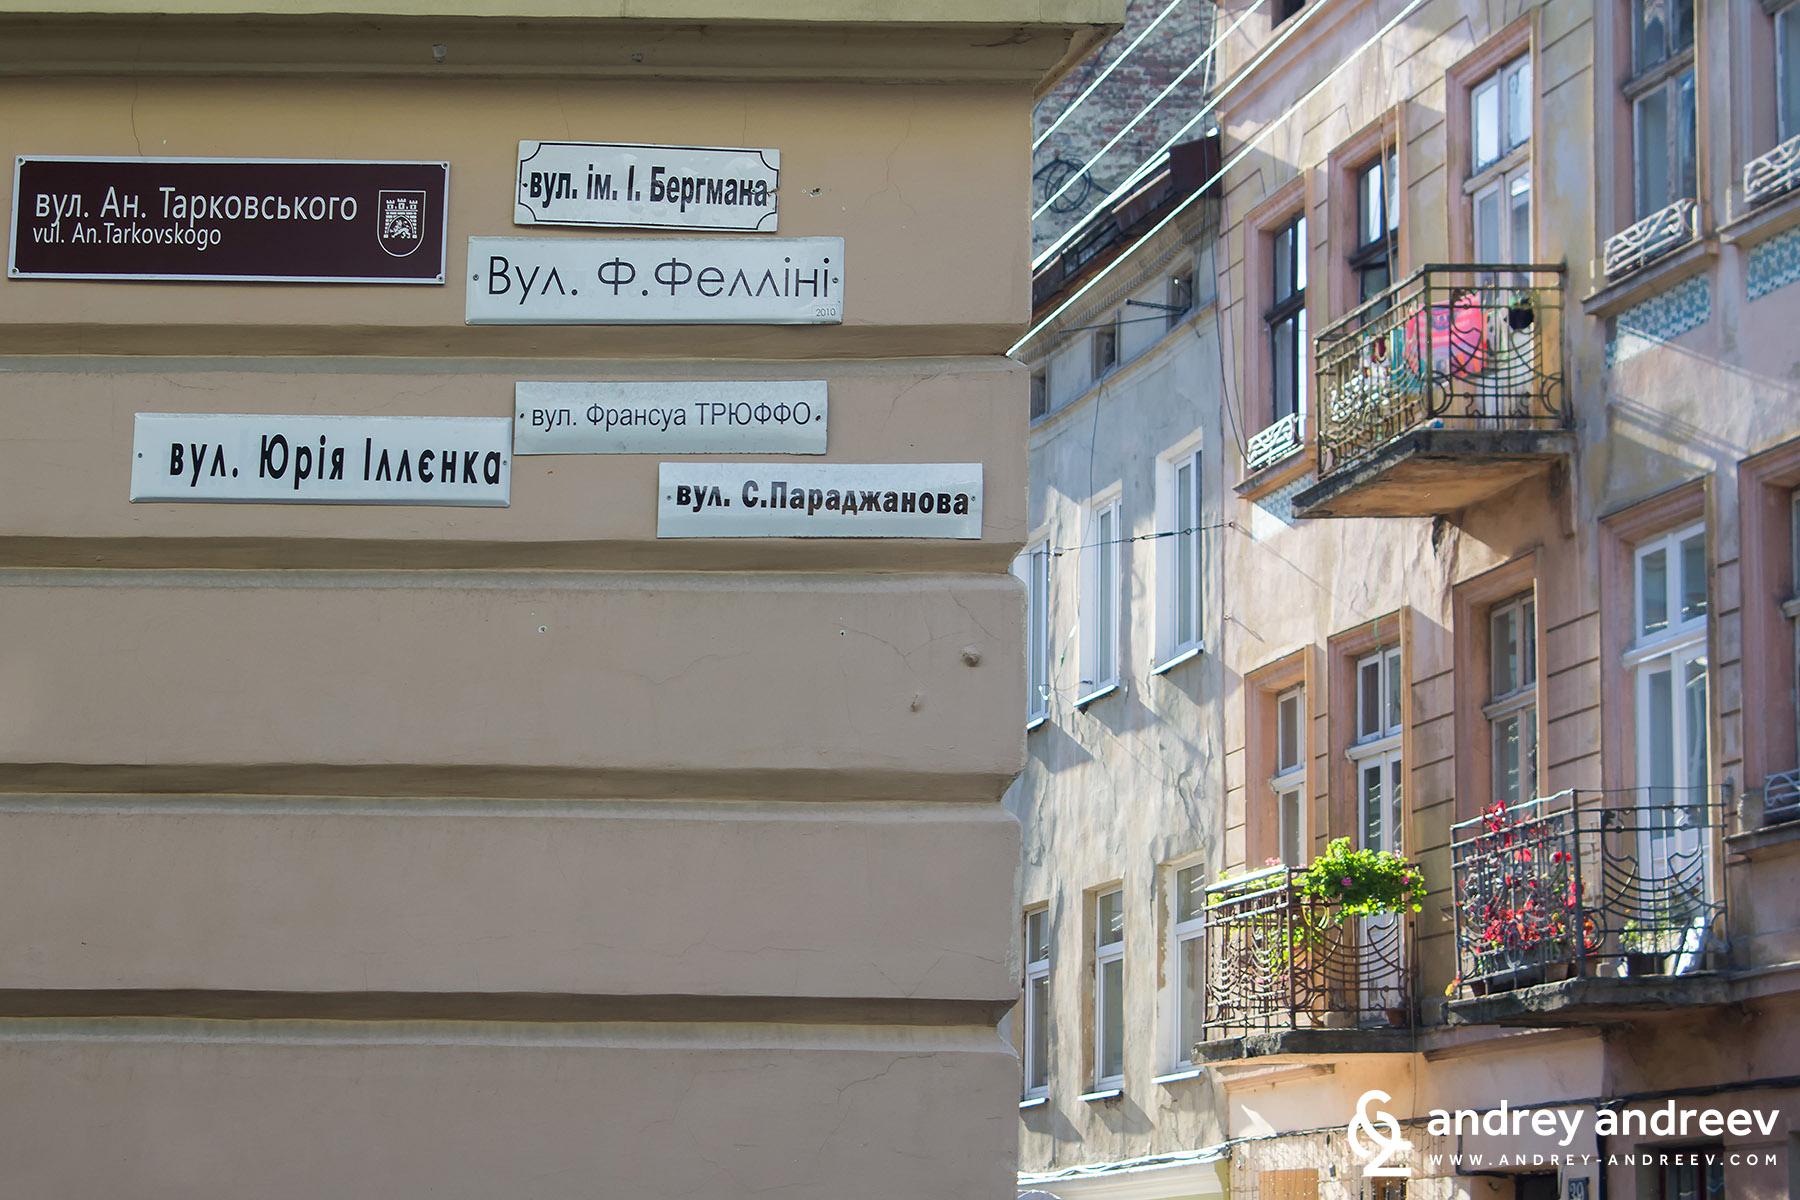 Улицата с многото имена в Лвов Украйна